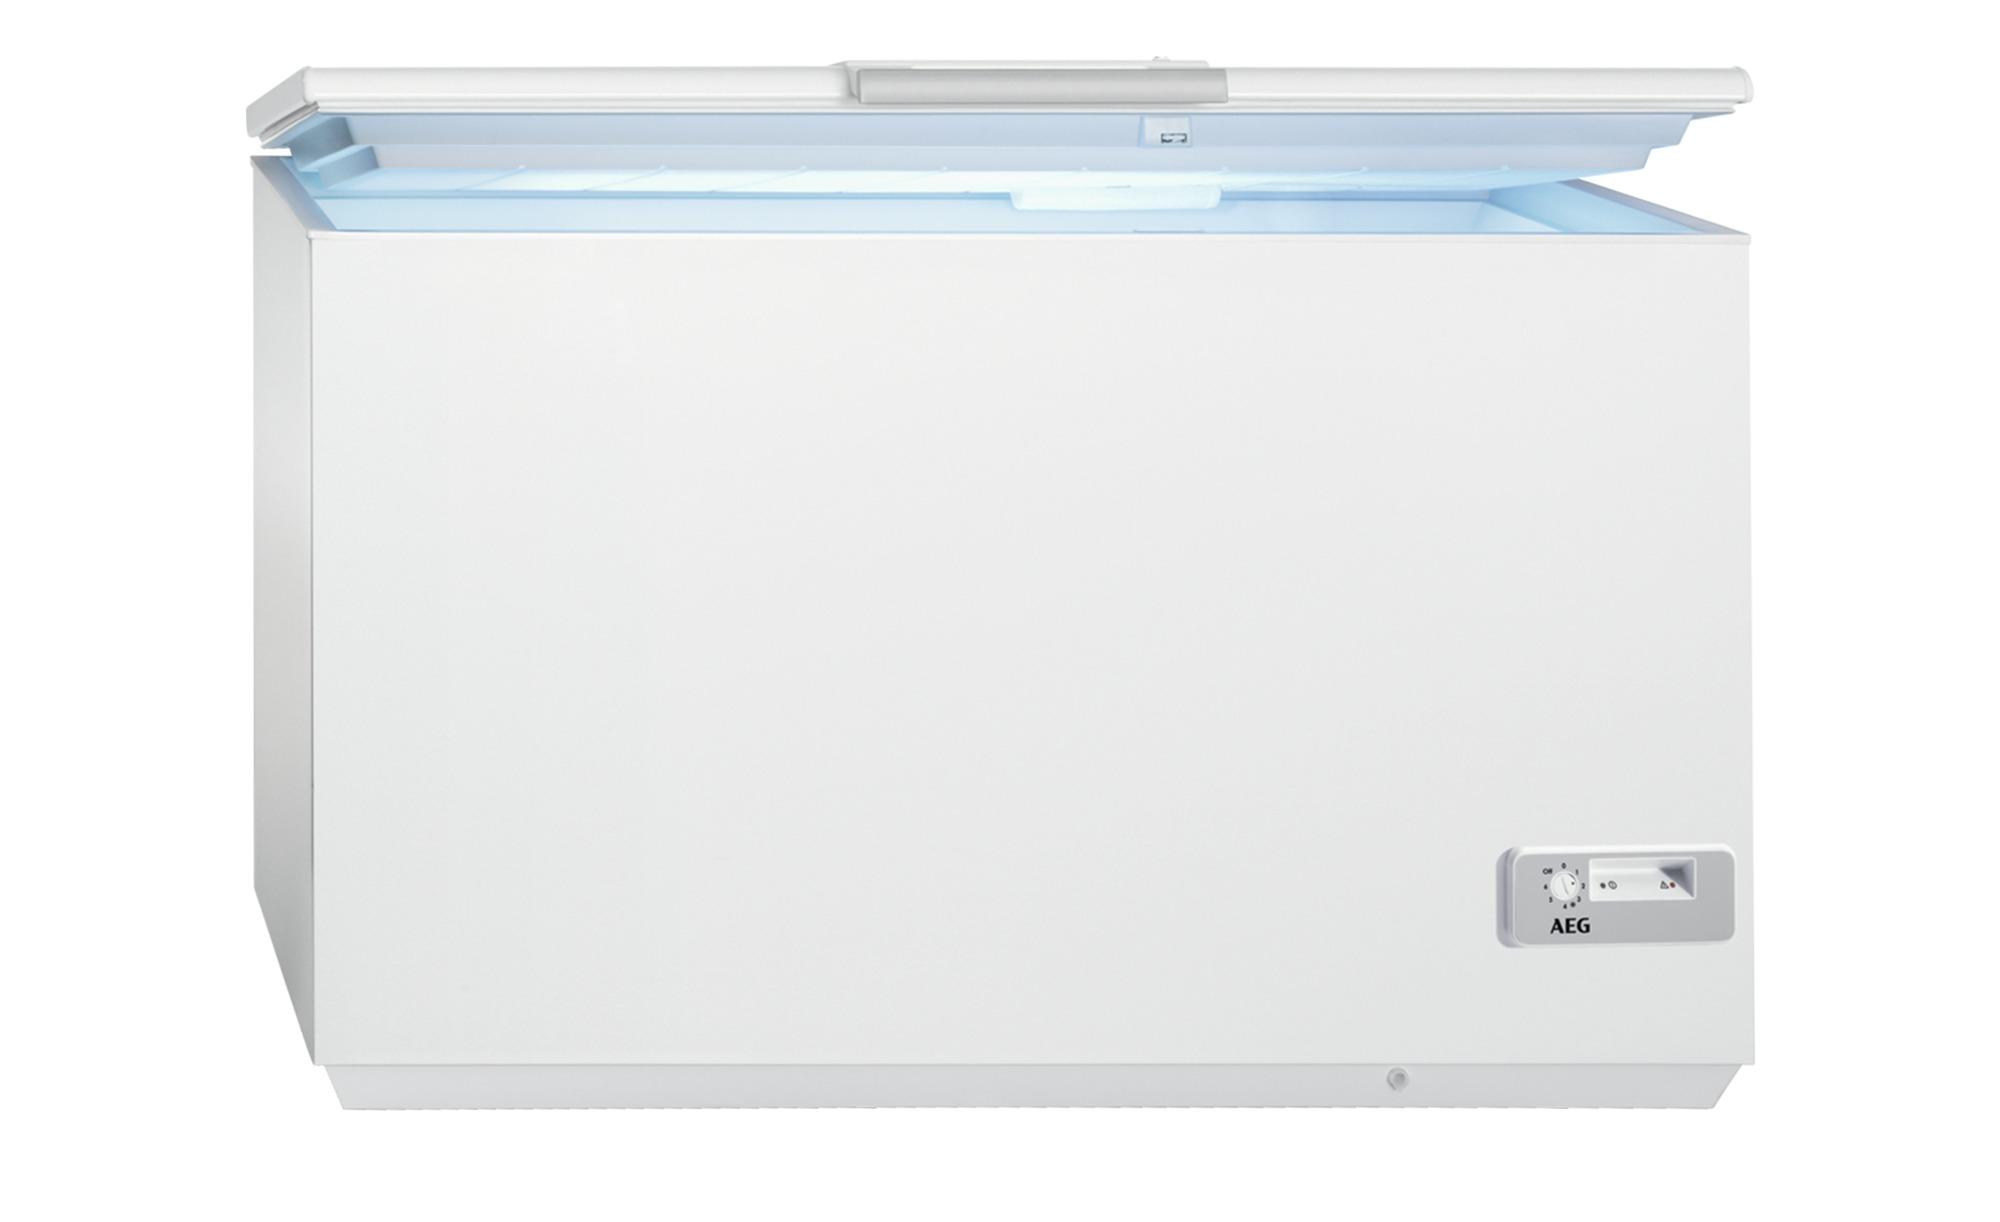 AEG Gefriertruhe  AHB92631LW - weiß - Metall-lackiert, Kunststoff - 133,6 cm - 86,8 cm - 66,8 cm - Elektrogeräte > Gefrierschränke - Möbel Kraft | Küche und Esszimmer > Küchenelektrogeräte | AEG